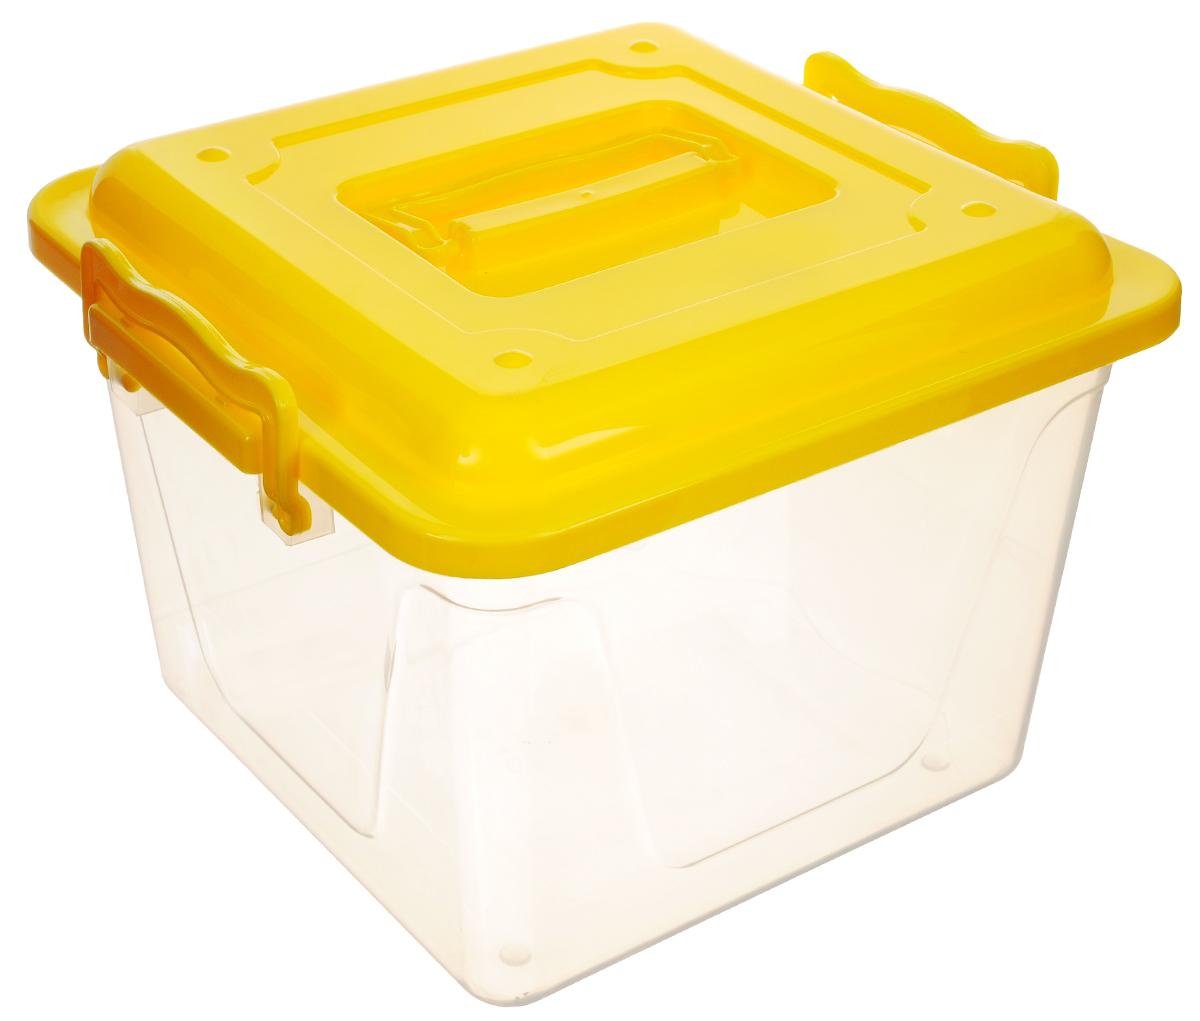 Контейнер Альтернатива, цвет: прозрачный, желтый, 8,5 лМ1032Контейнер Альтернатива прекрасно подойдет для хранения небольших игрушек, инструментов, швейных принадлежностей и многого другого. Он изготовлен из высококачественного пластика. Контейнер плотно закрывается крышкой с двумя защелками. Удобный и легкий контейнер позволит вам хранить вещи в полном порядке, а благодаря современному дизайну он впишется в любой интерьер. Контейнер имеет компактные размеры, поэтому не занимает много места.Размер (с учетом крышки): 26 х 27 х 20,5 см.